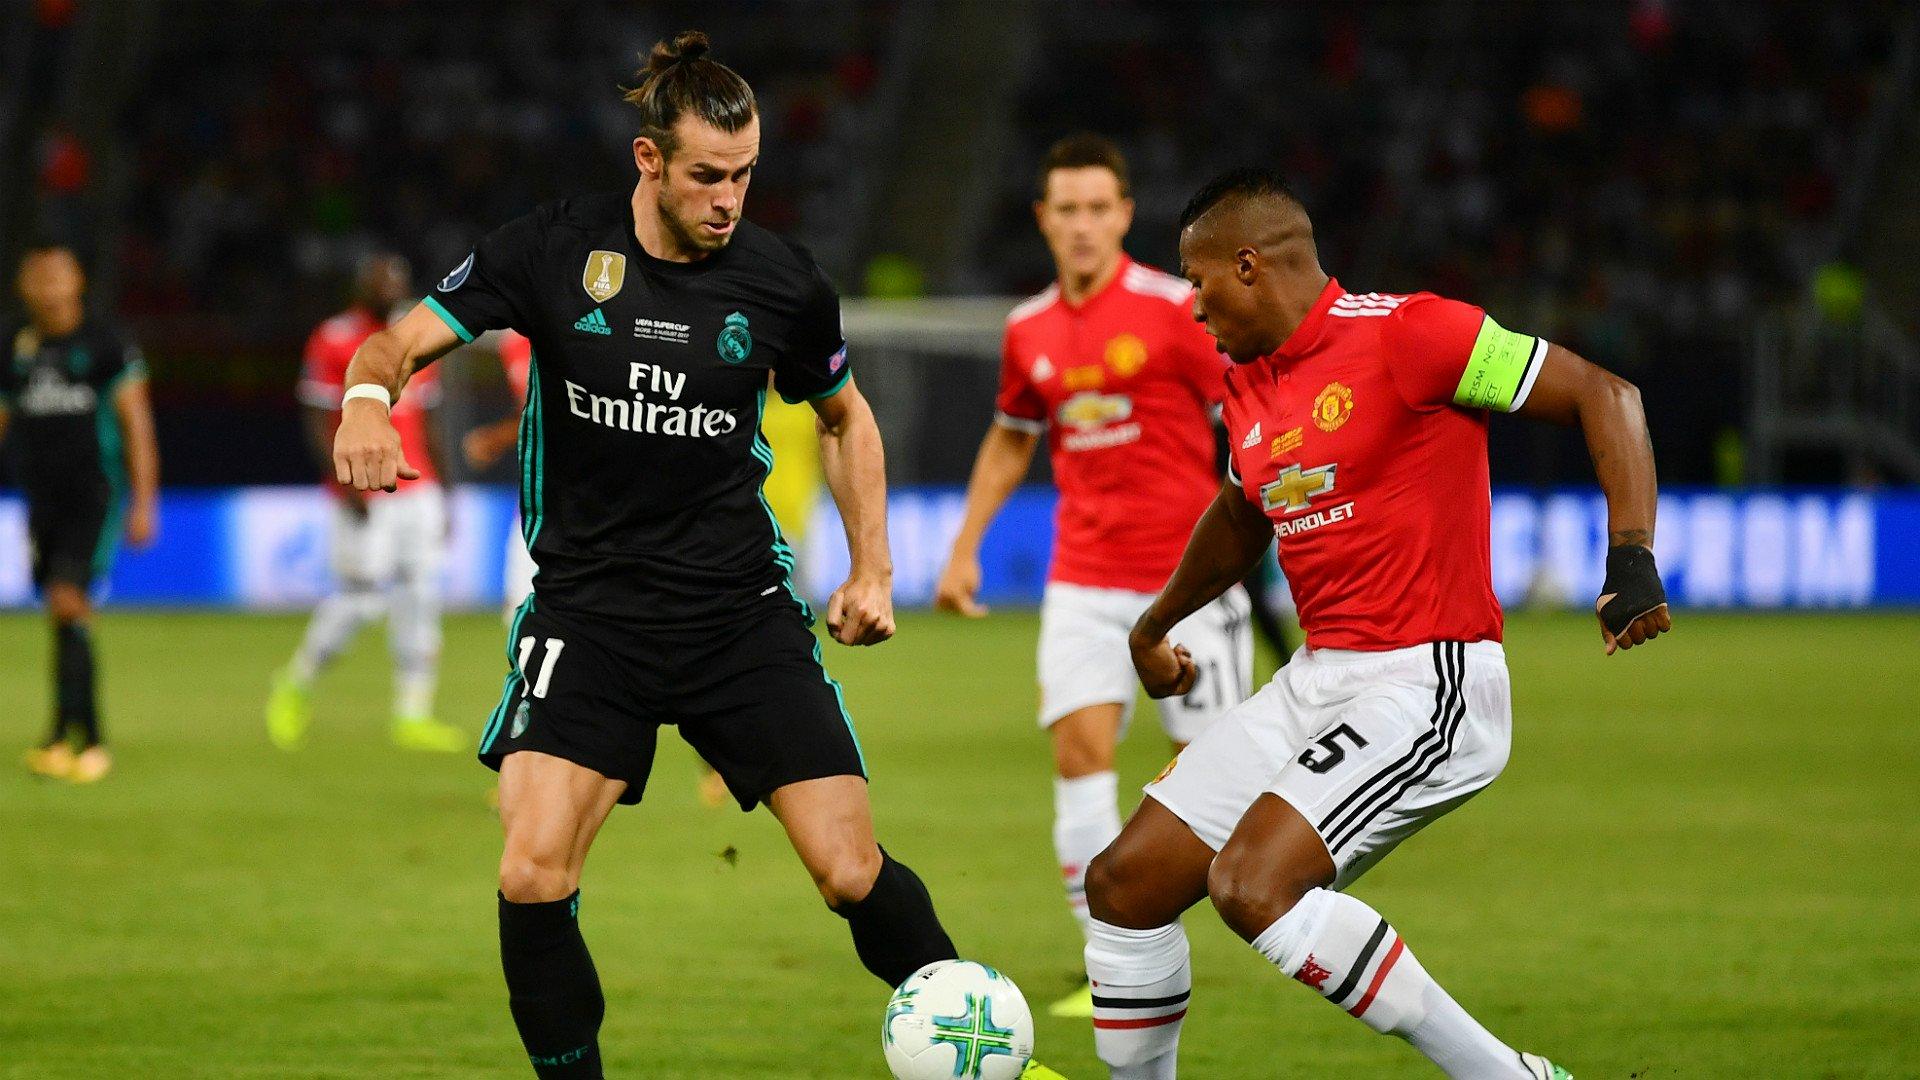 Bốc thăm vòng 1/8 Champions League và những điều cần biết: Khả năng M.U đụng Real, Bayern là bao nhiêu?